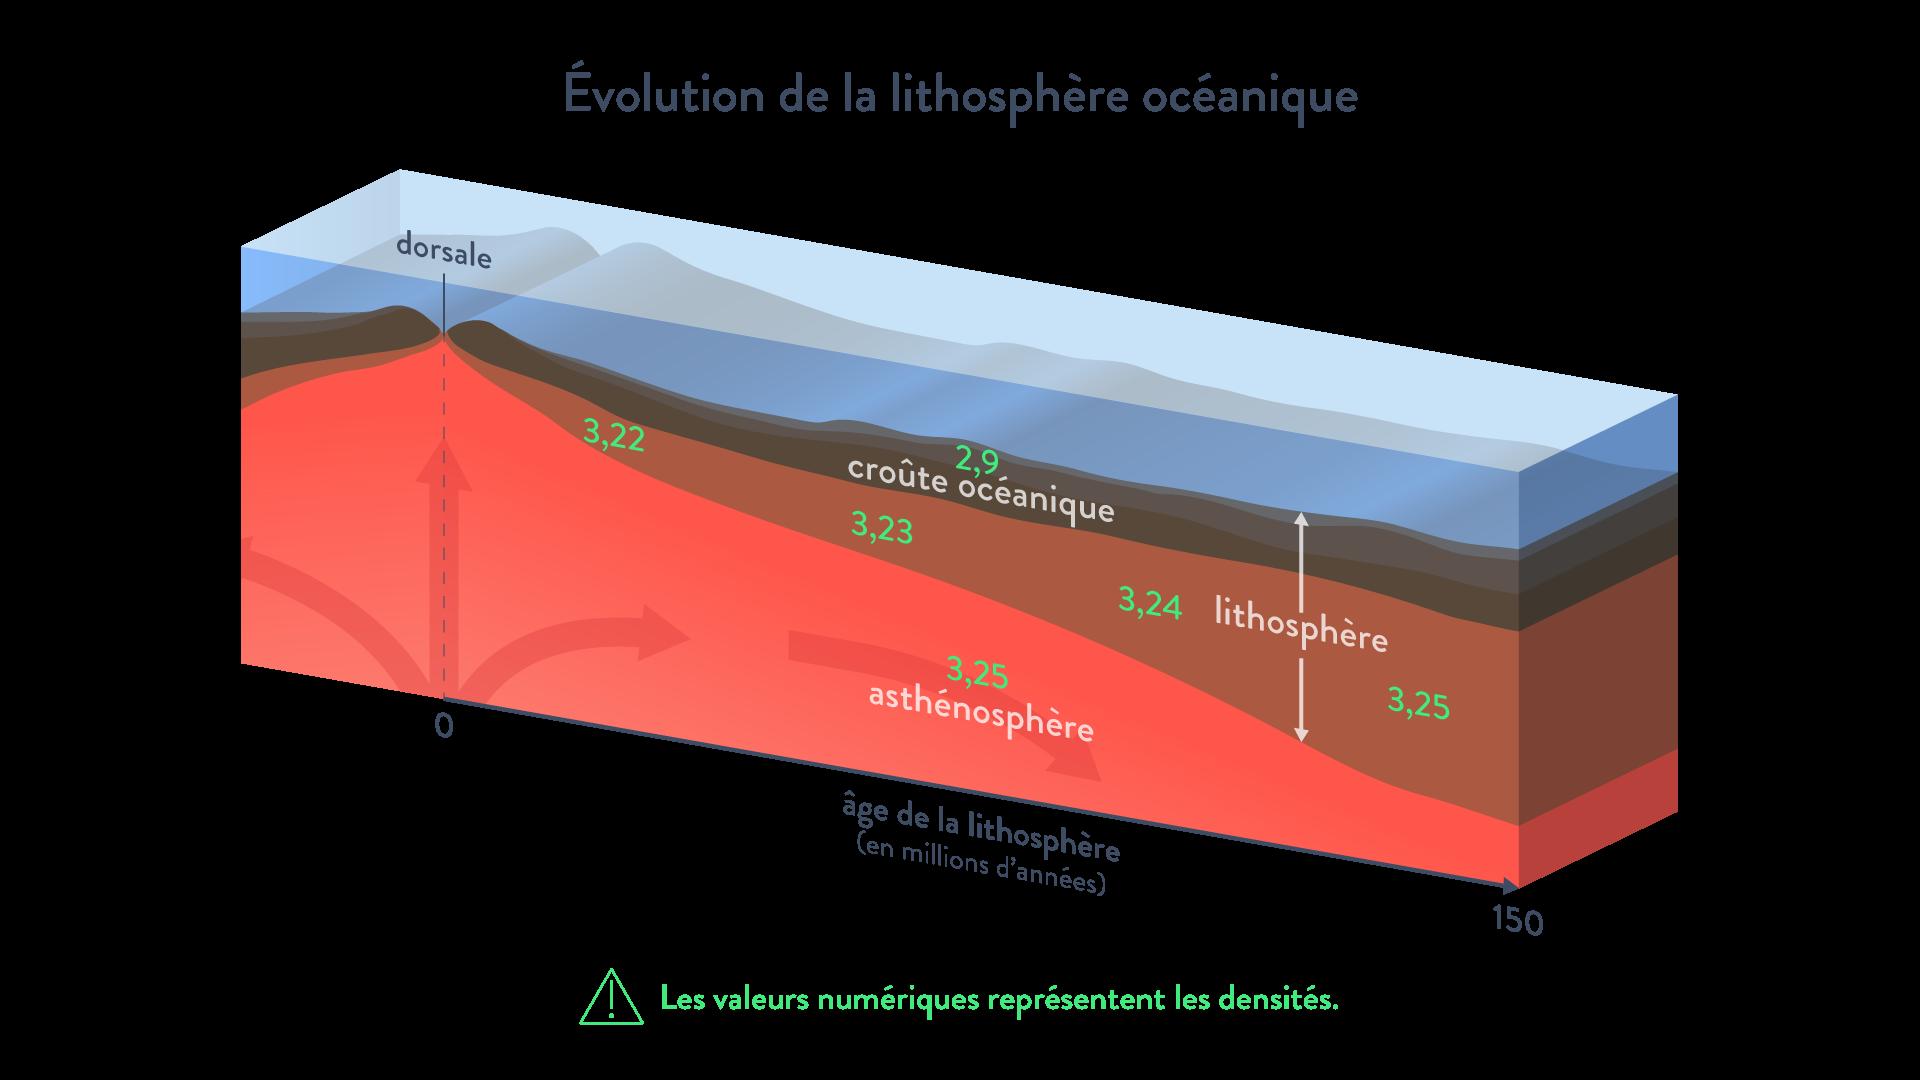 Évolution de la densité de la lithosphère océanique svt première